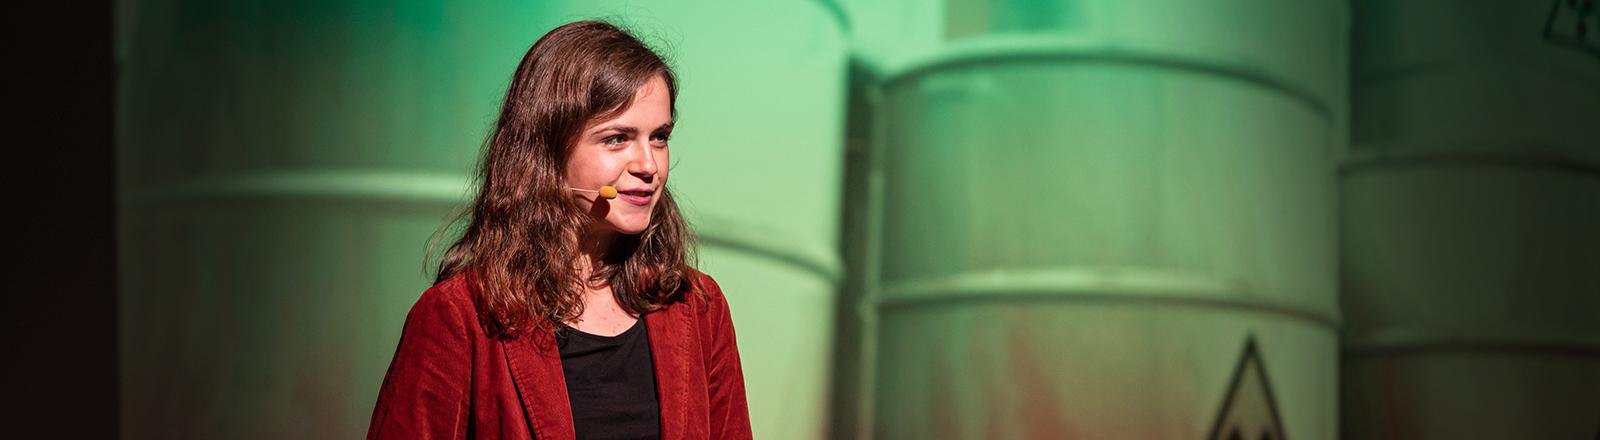 Die Geowissenschaftlerin Thora Schubert bei einem Science Slam